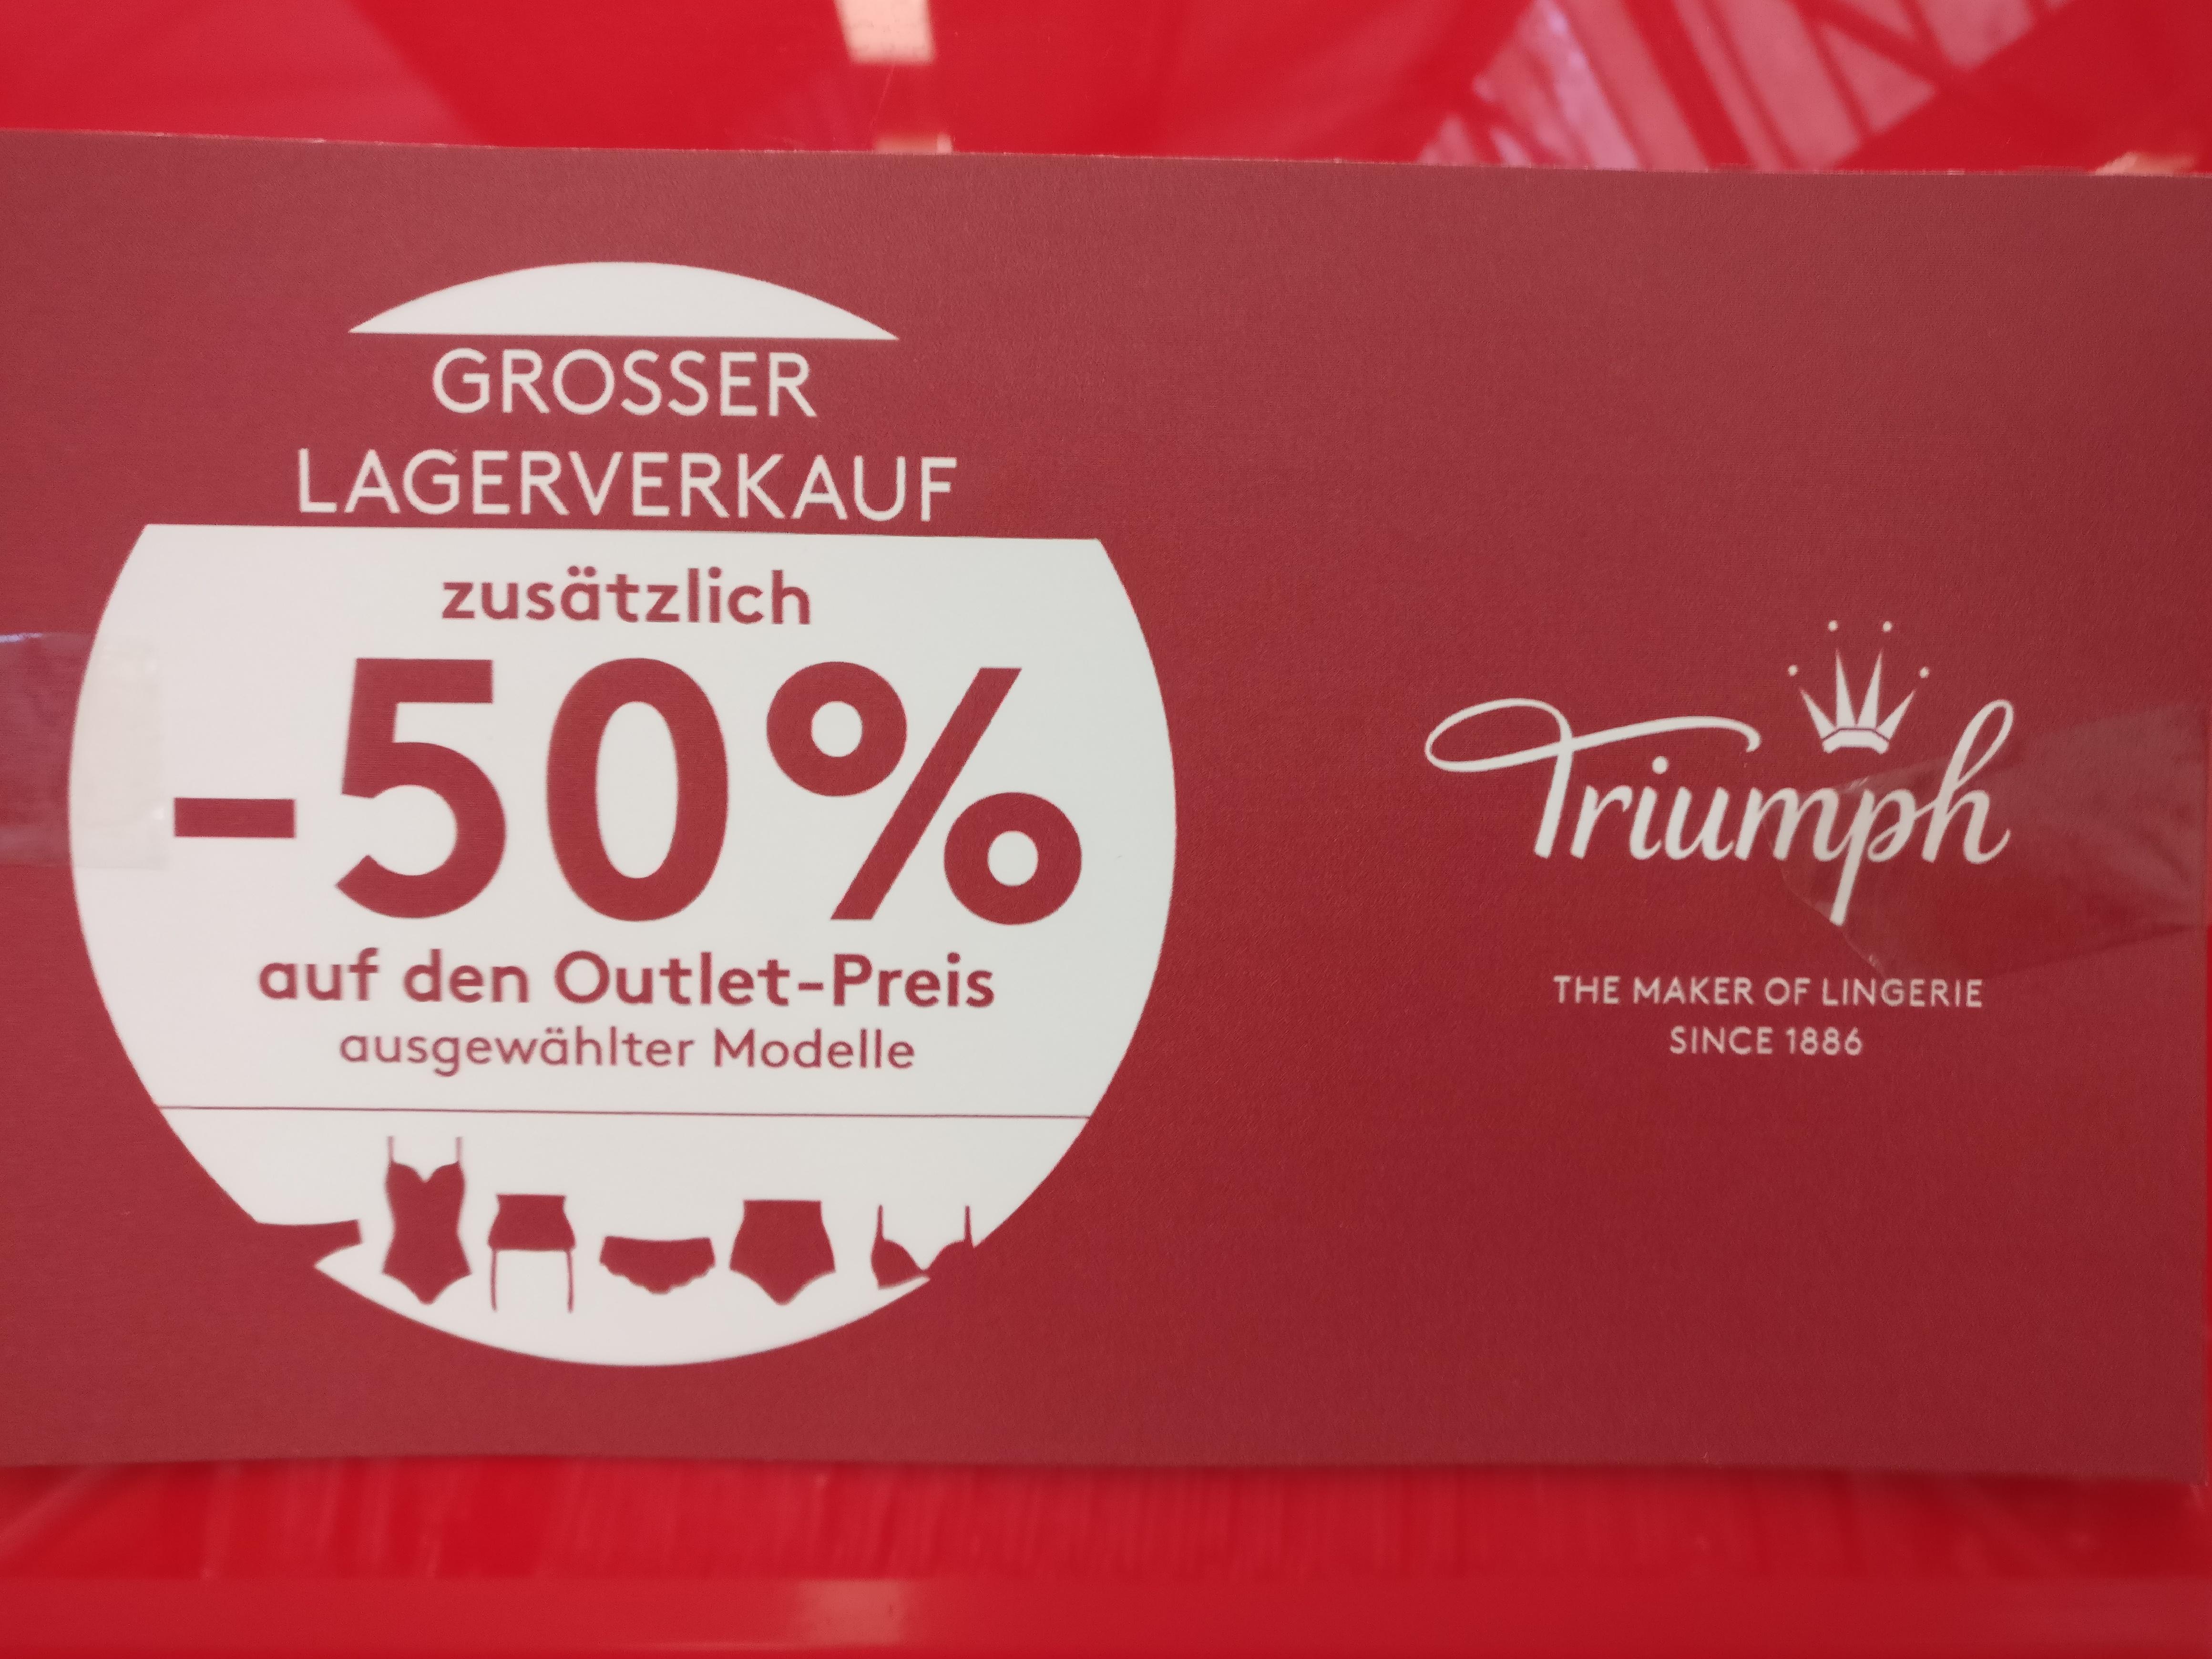 [LOKAL] Triumph Outlet AA 50%* auf den Outlet Preis, z.B. Magic Wire BH für 15€ statt 49,95€